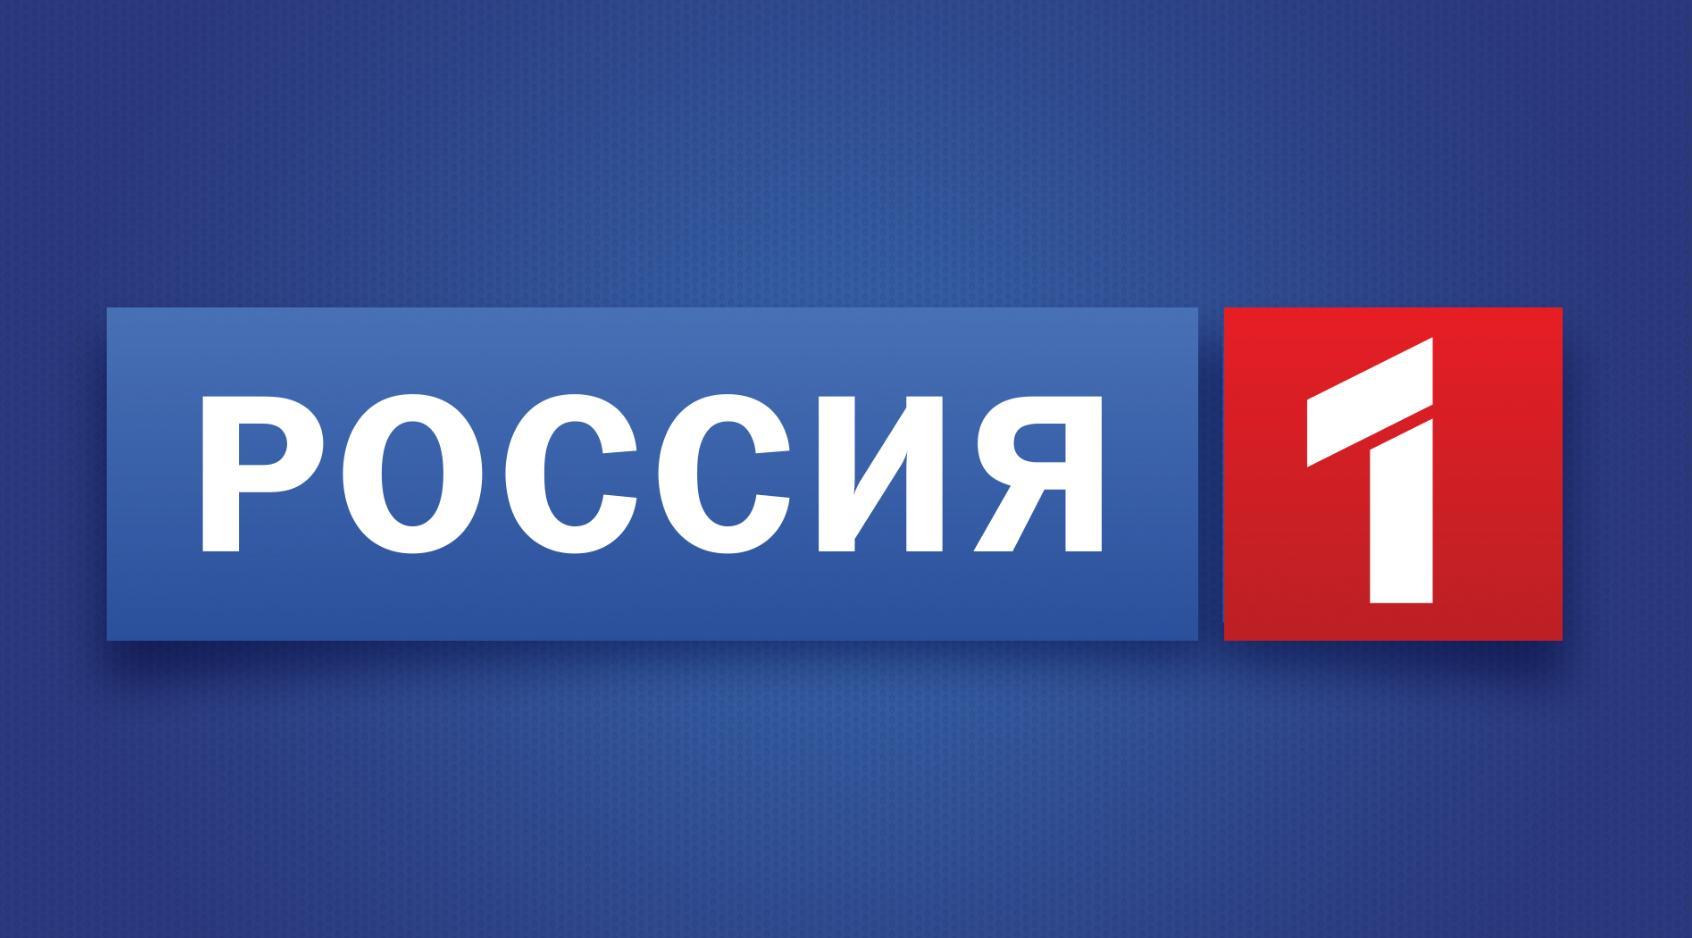 Программа россия 1 челябинск на сегодня